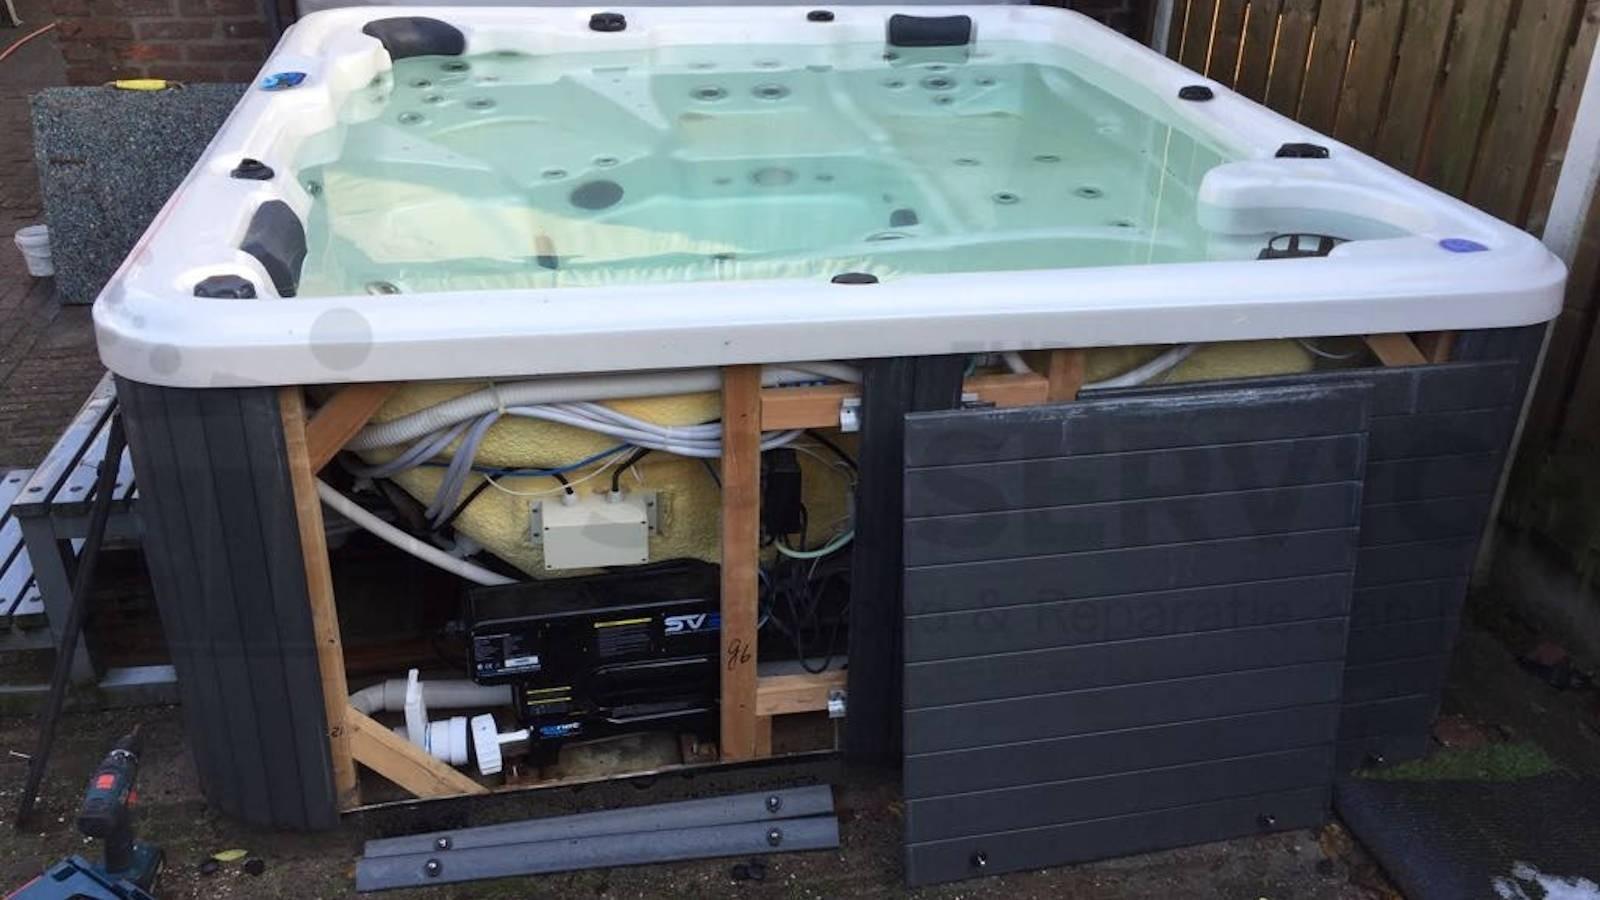 Reparatie verwarming van een Delta 5 spa in Kaatsheuvel